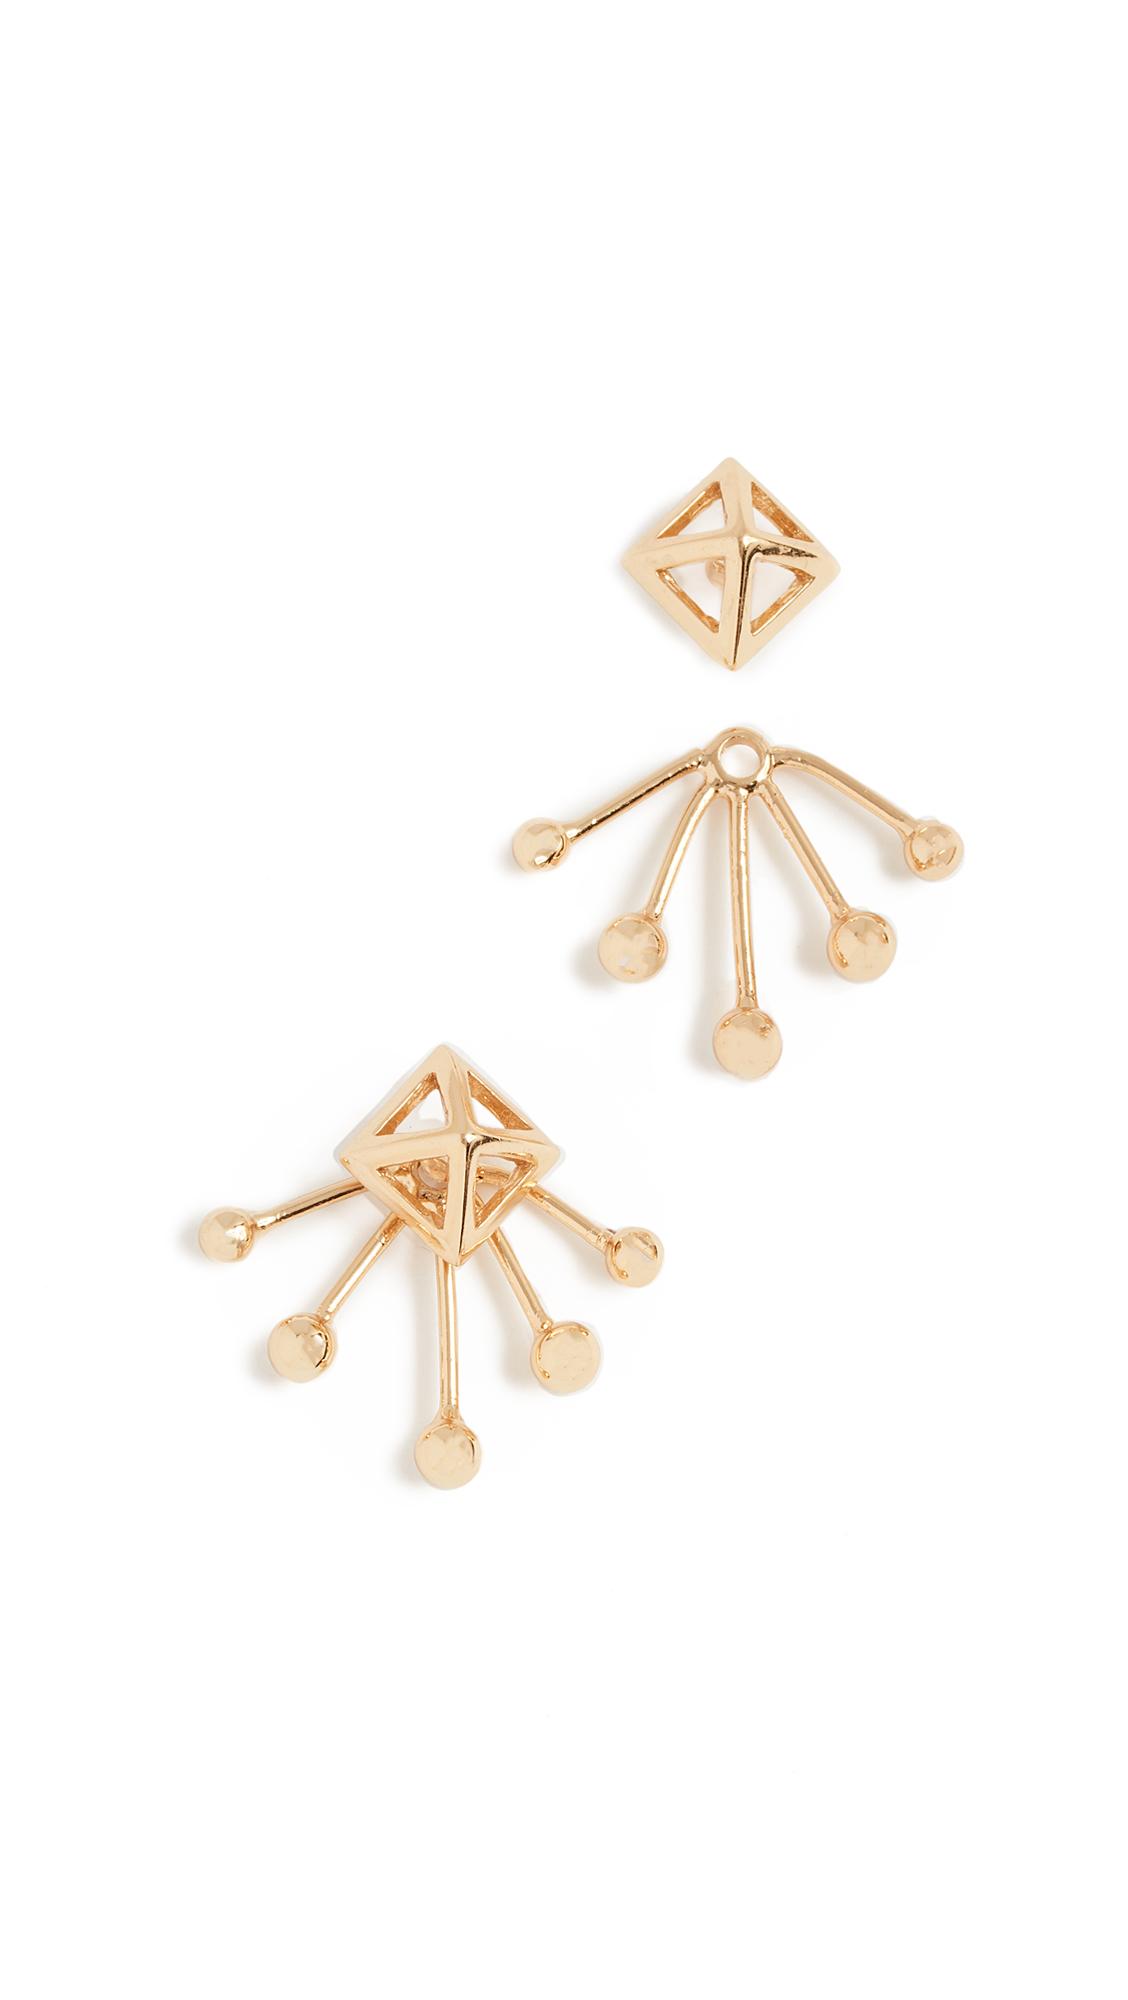 Rebecca Minkoff Pyramid Fan Stud Earrings - Gold